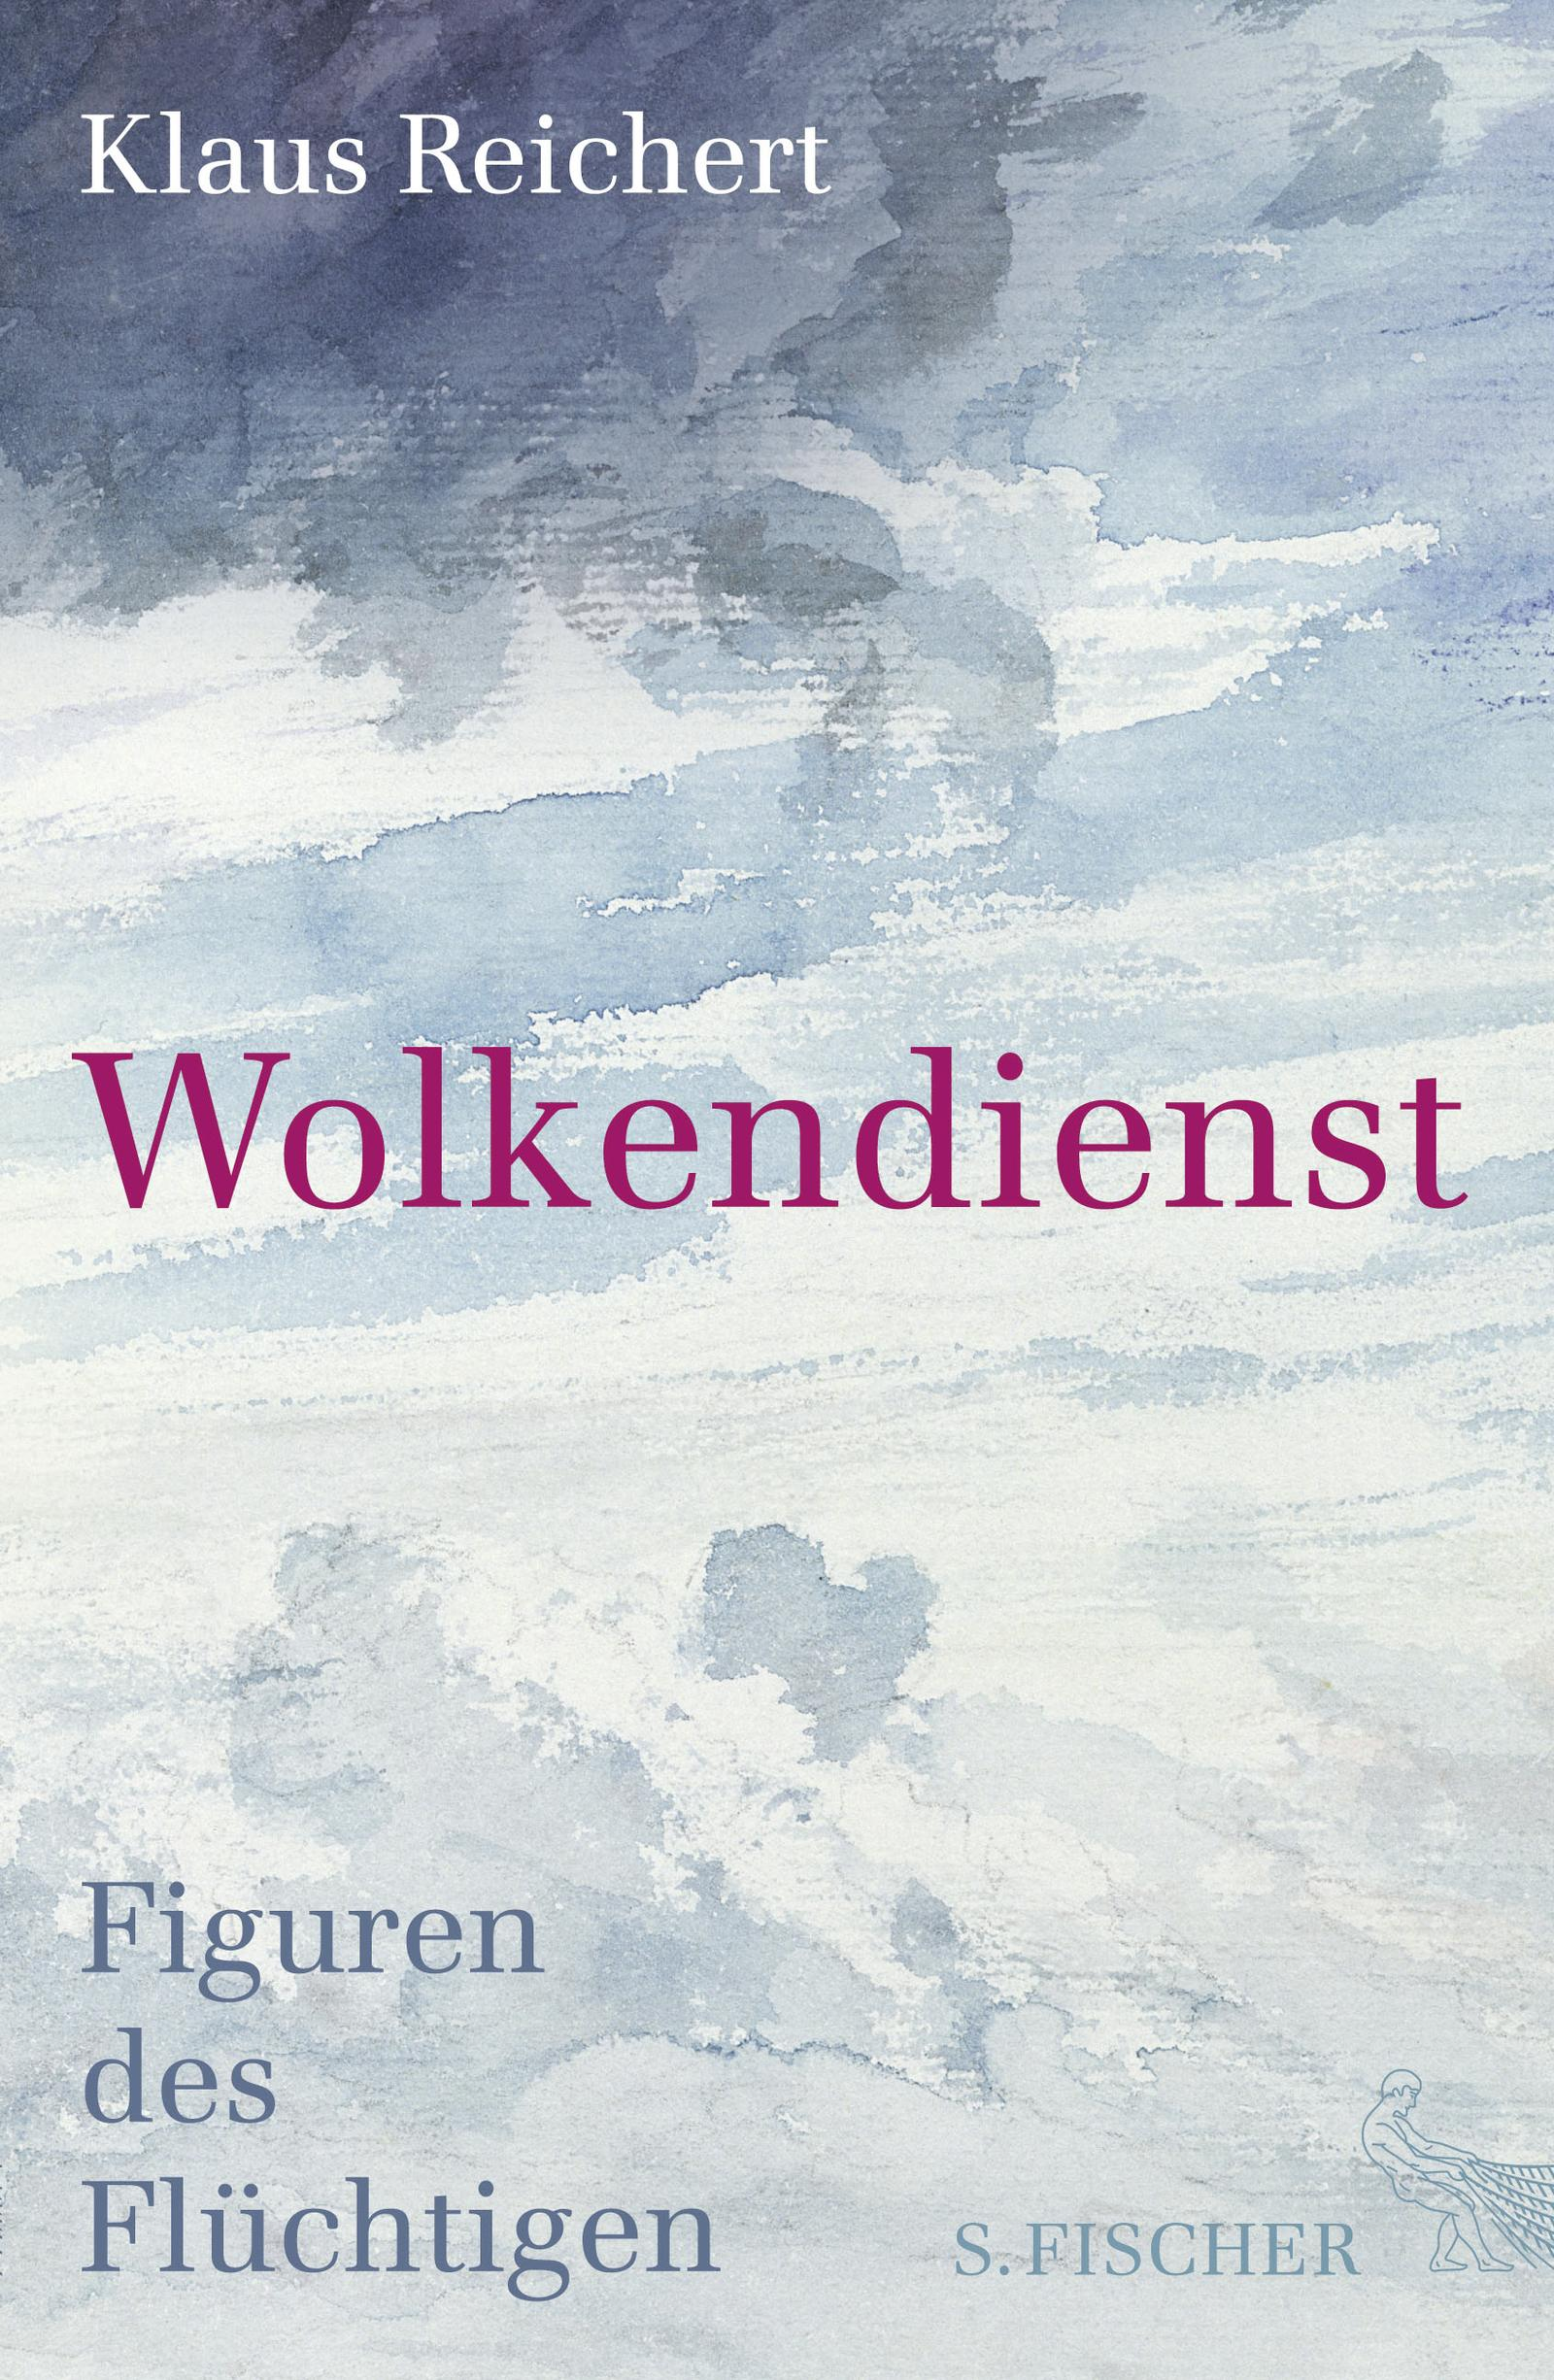 Wolkendienst Klaus Reichert